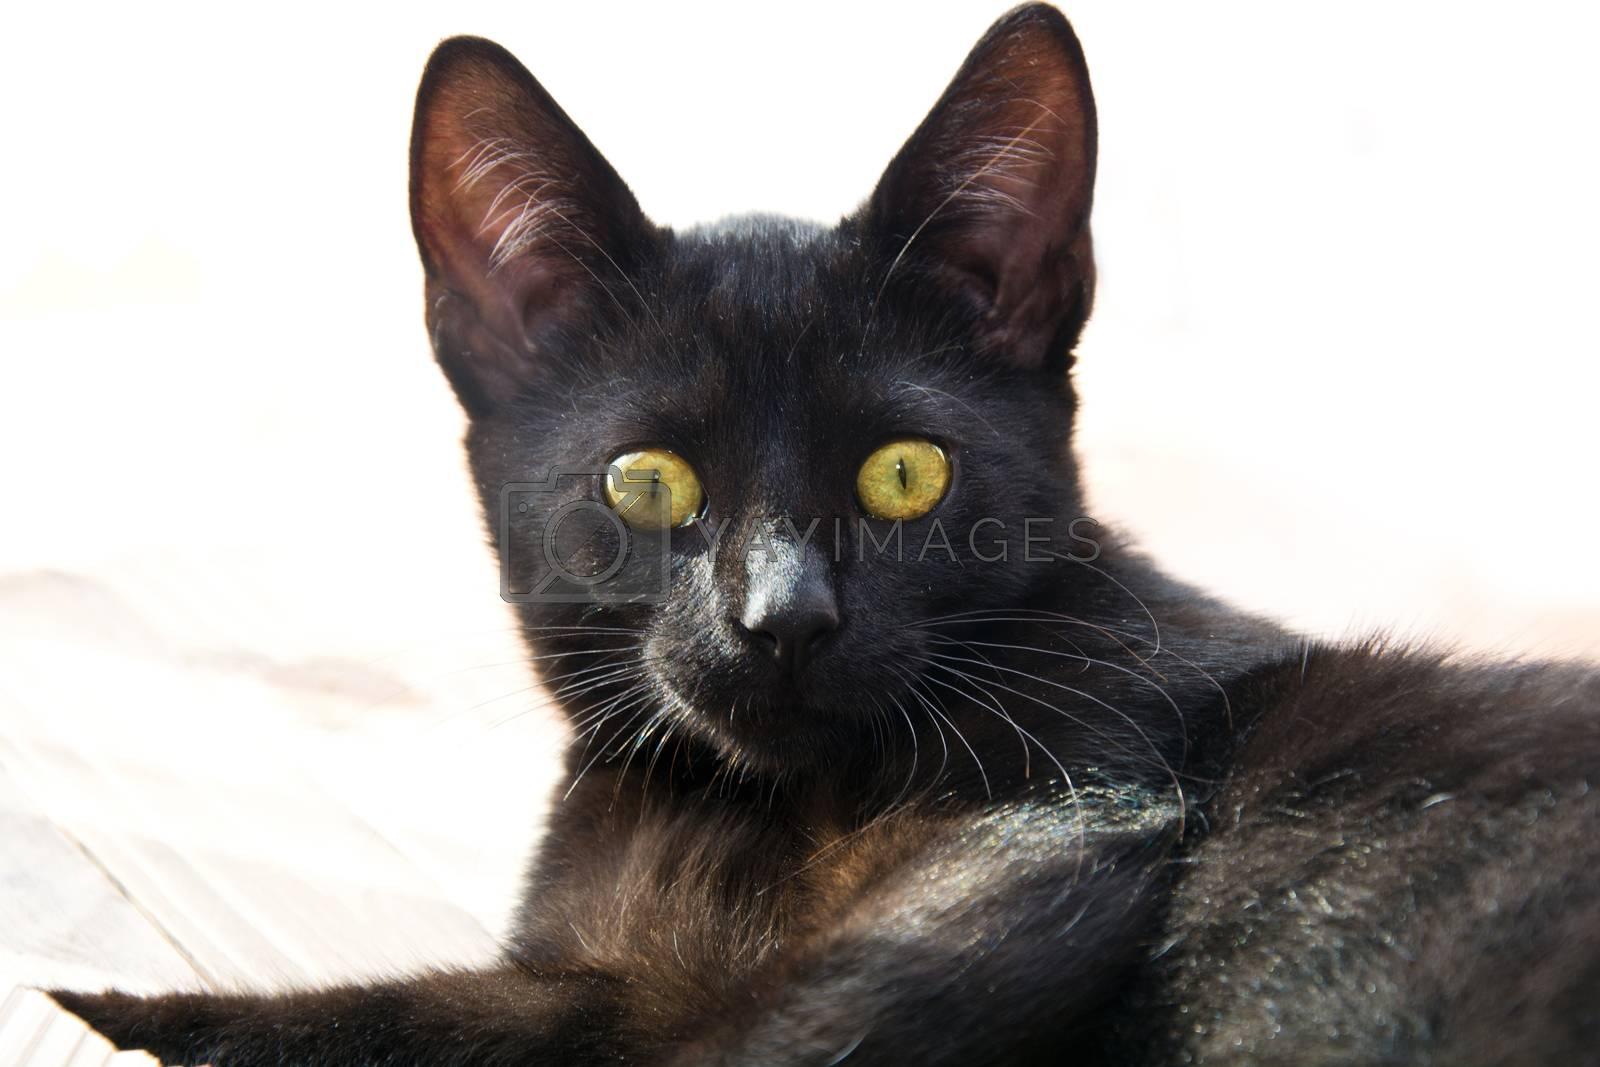 Portrait of cat. Pet animal concept.